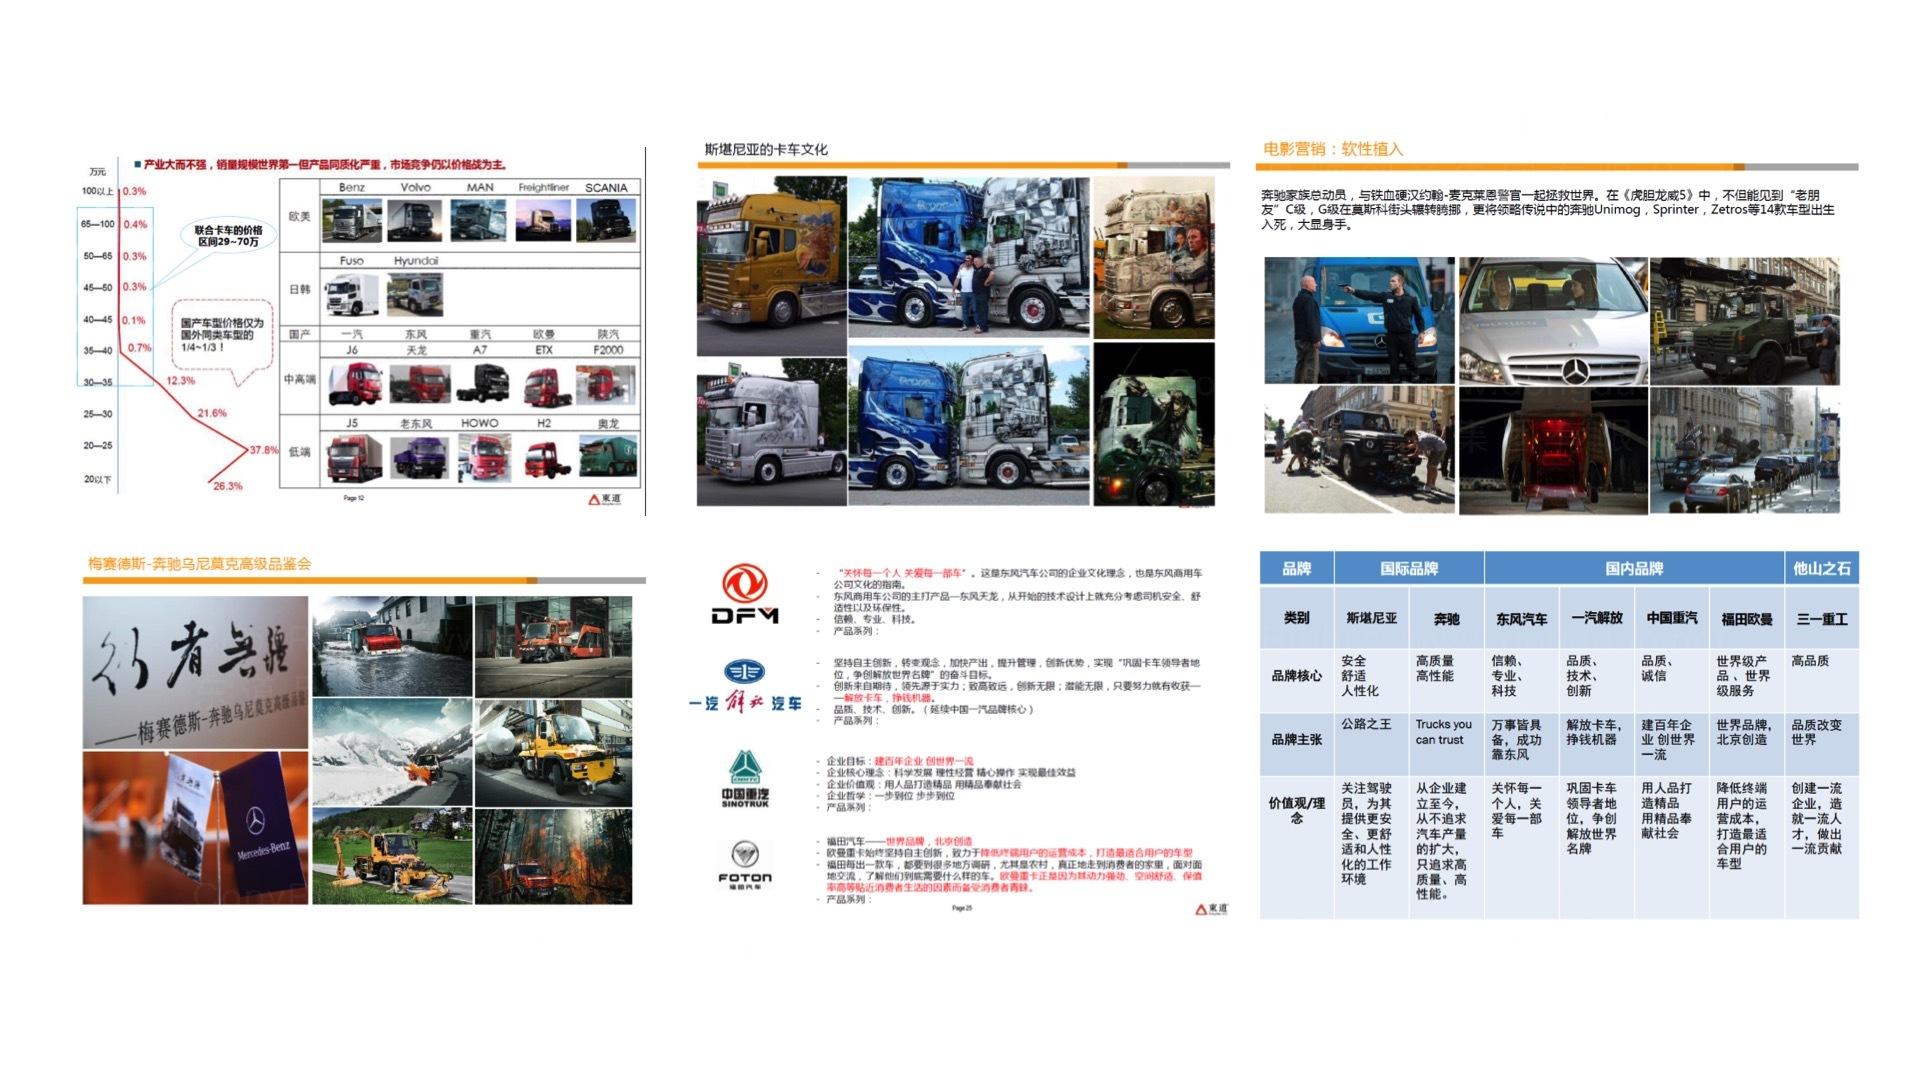 汽车业品牌战略&企业文化联合卡车联合卡车品牌战略规划